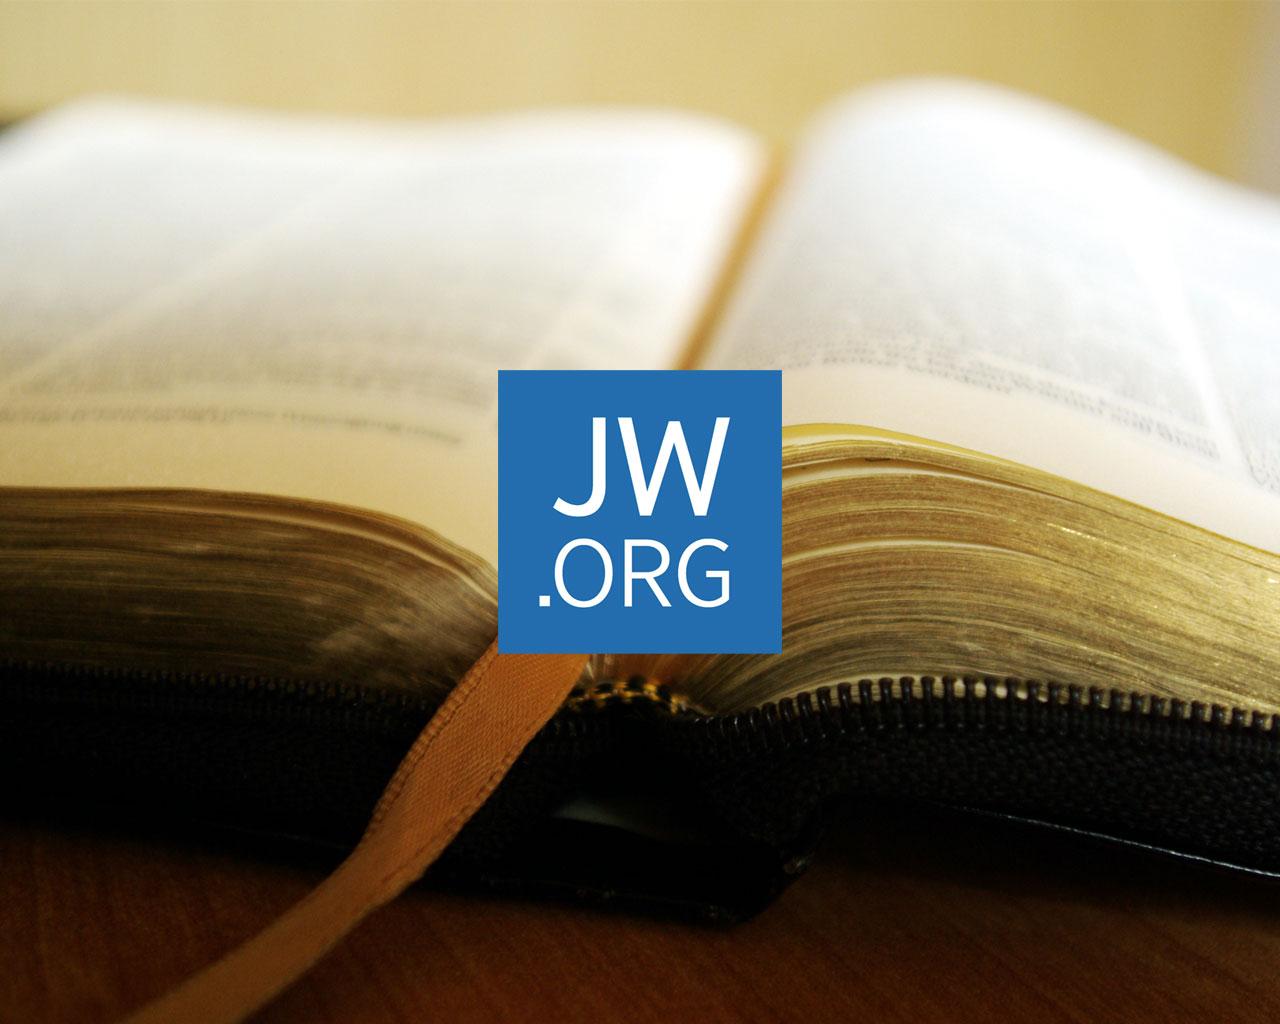 Jw org wallpaper desktop wallpapersafari